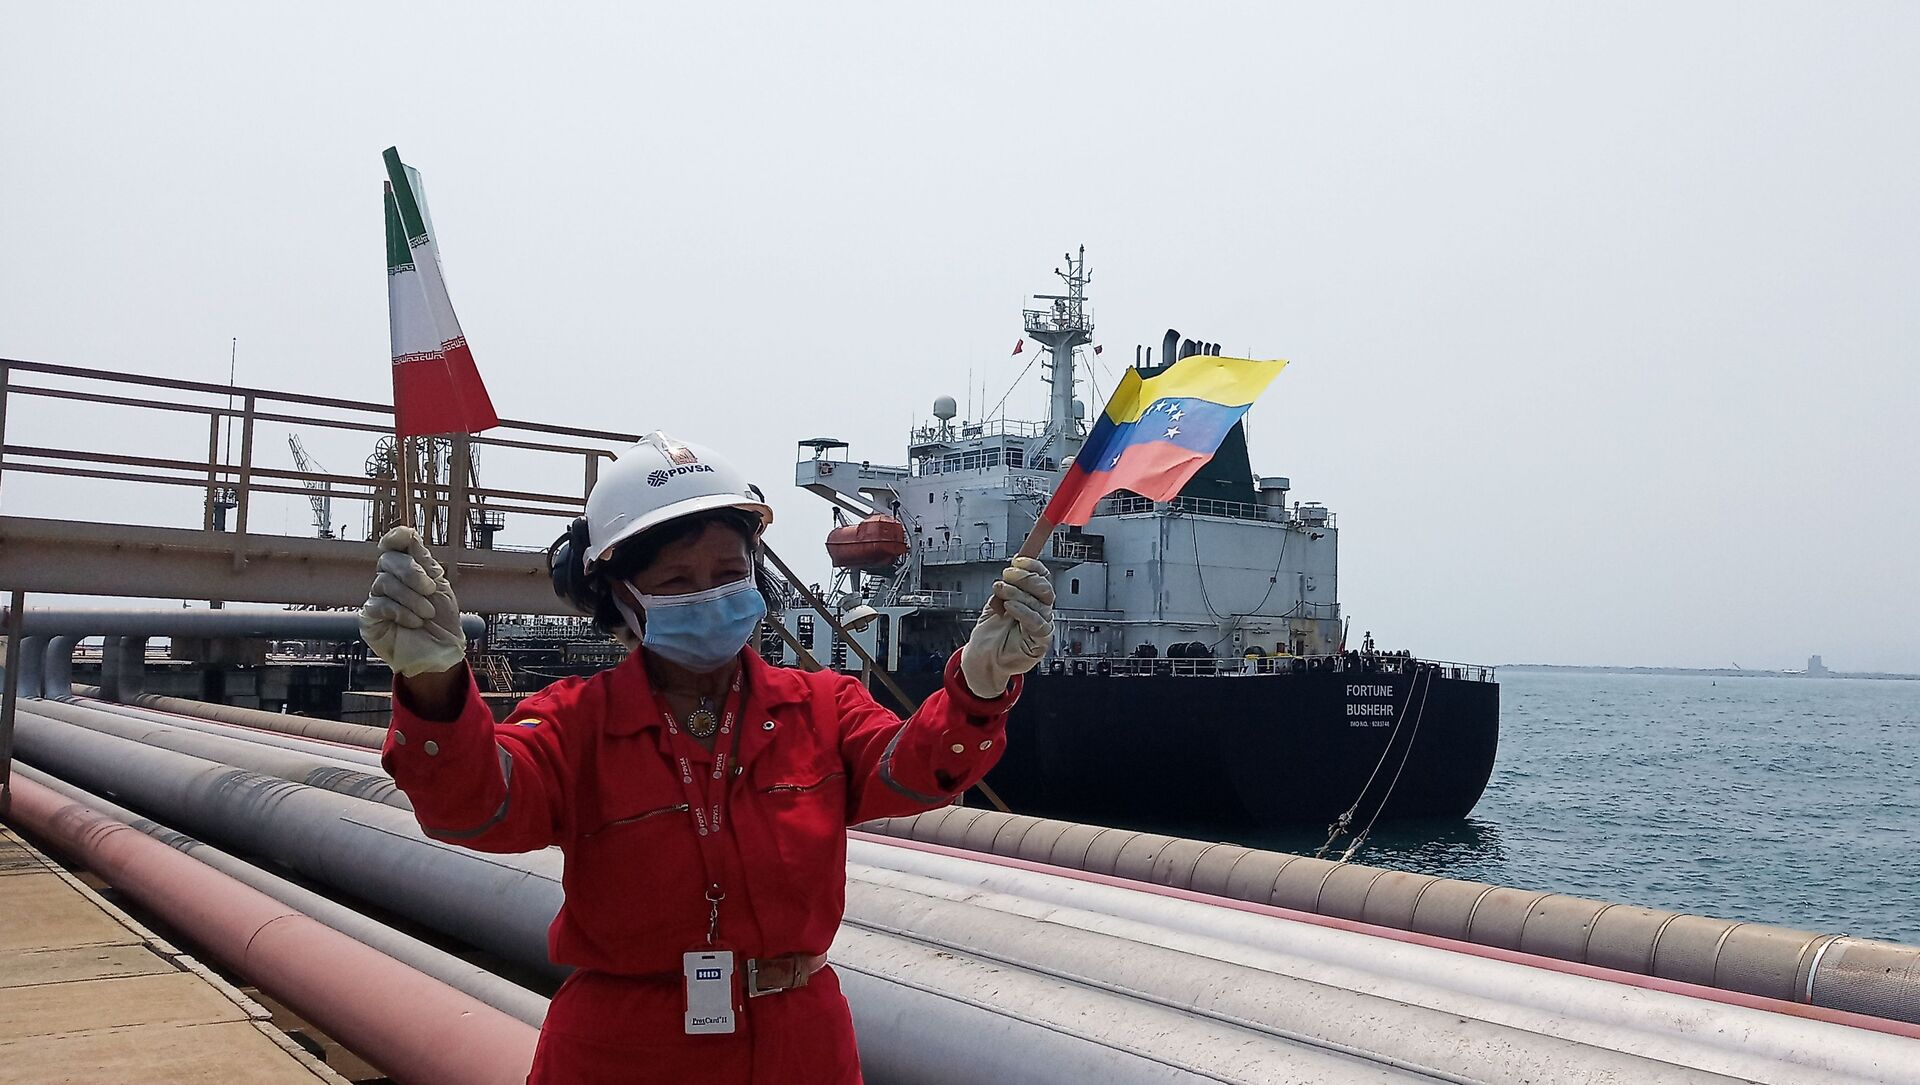 Bienvenida al barco petrolero iraní Fortune en la refinería El Palito, en Venezuela - Sputnik Mundo, 1920, 24.12.2020